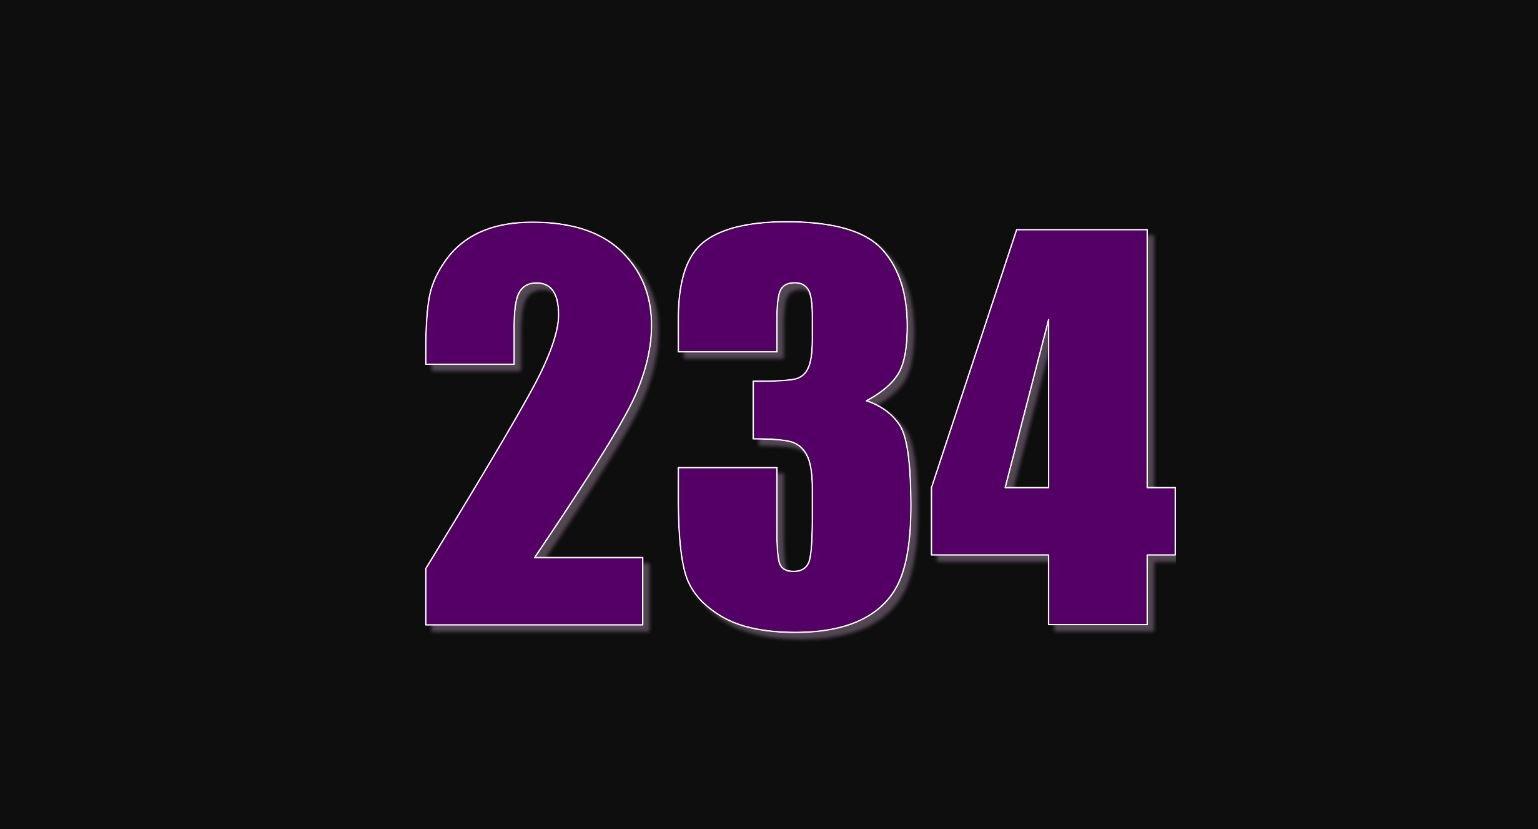 Die Bedeutung der Zahl 234